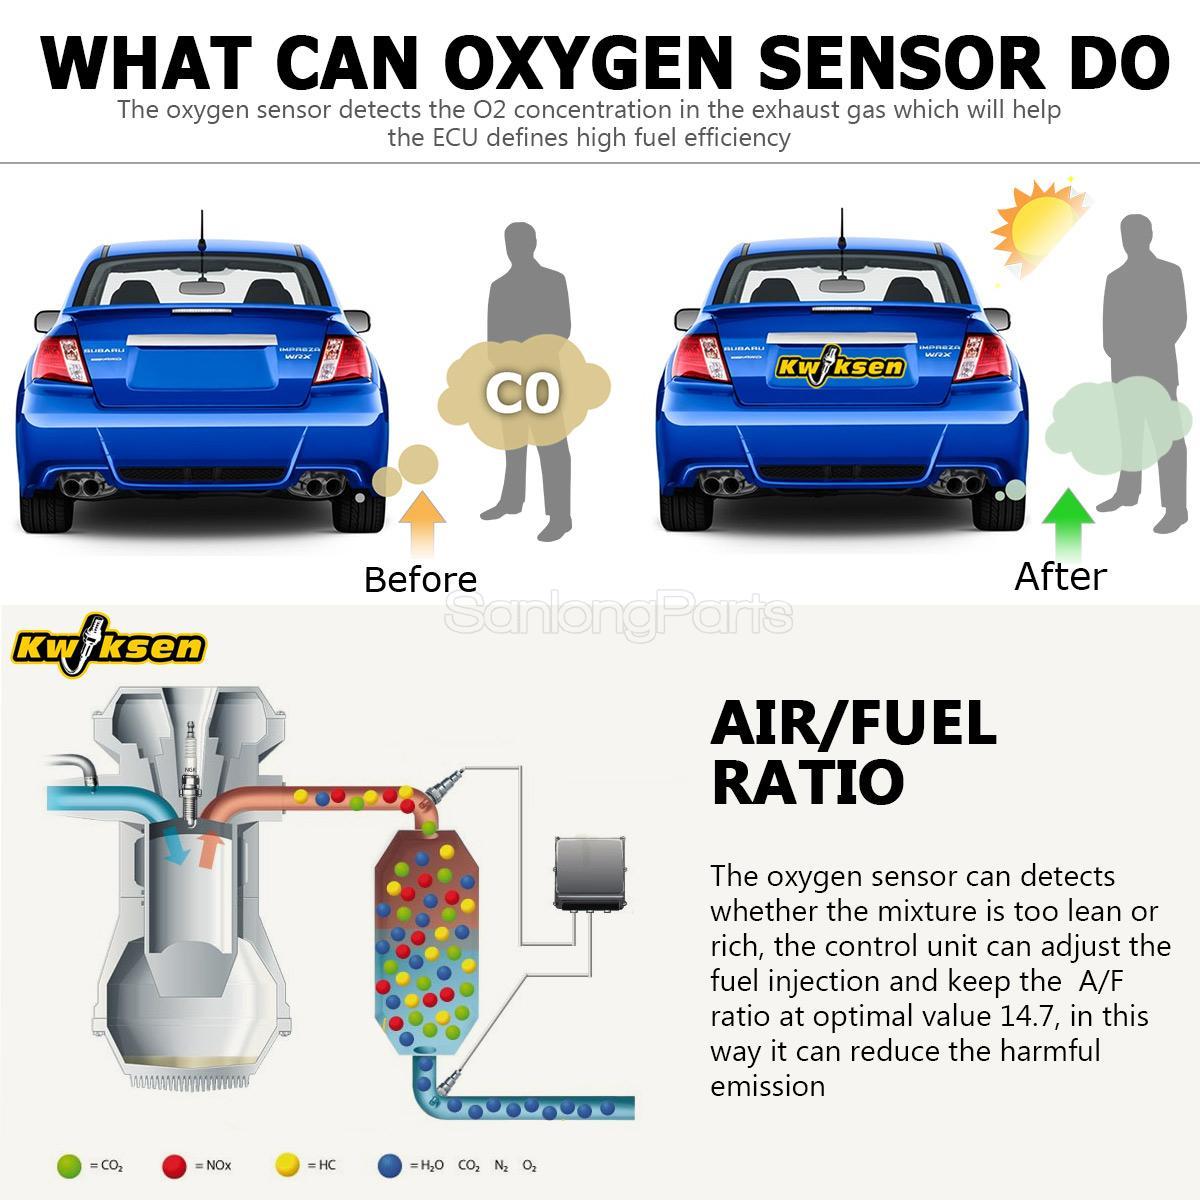 DRIVESTAR 234-4623 Oxygen Sensor Downstream O2 for Lexus ES300//GS300//GS400//GS430//GS460,for Toyota Camry//Matrix//Sienna//Celica,Air Fuel Ratio Sensor